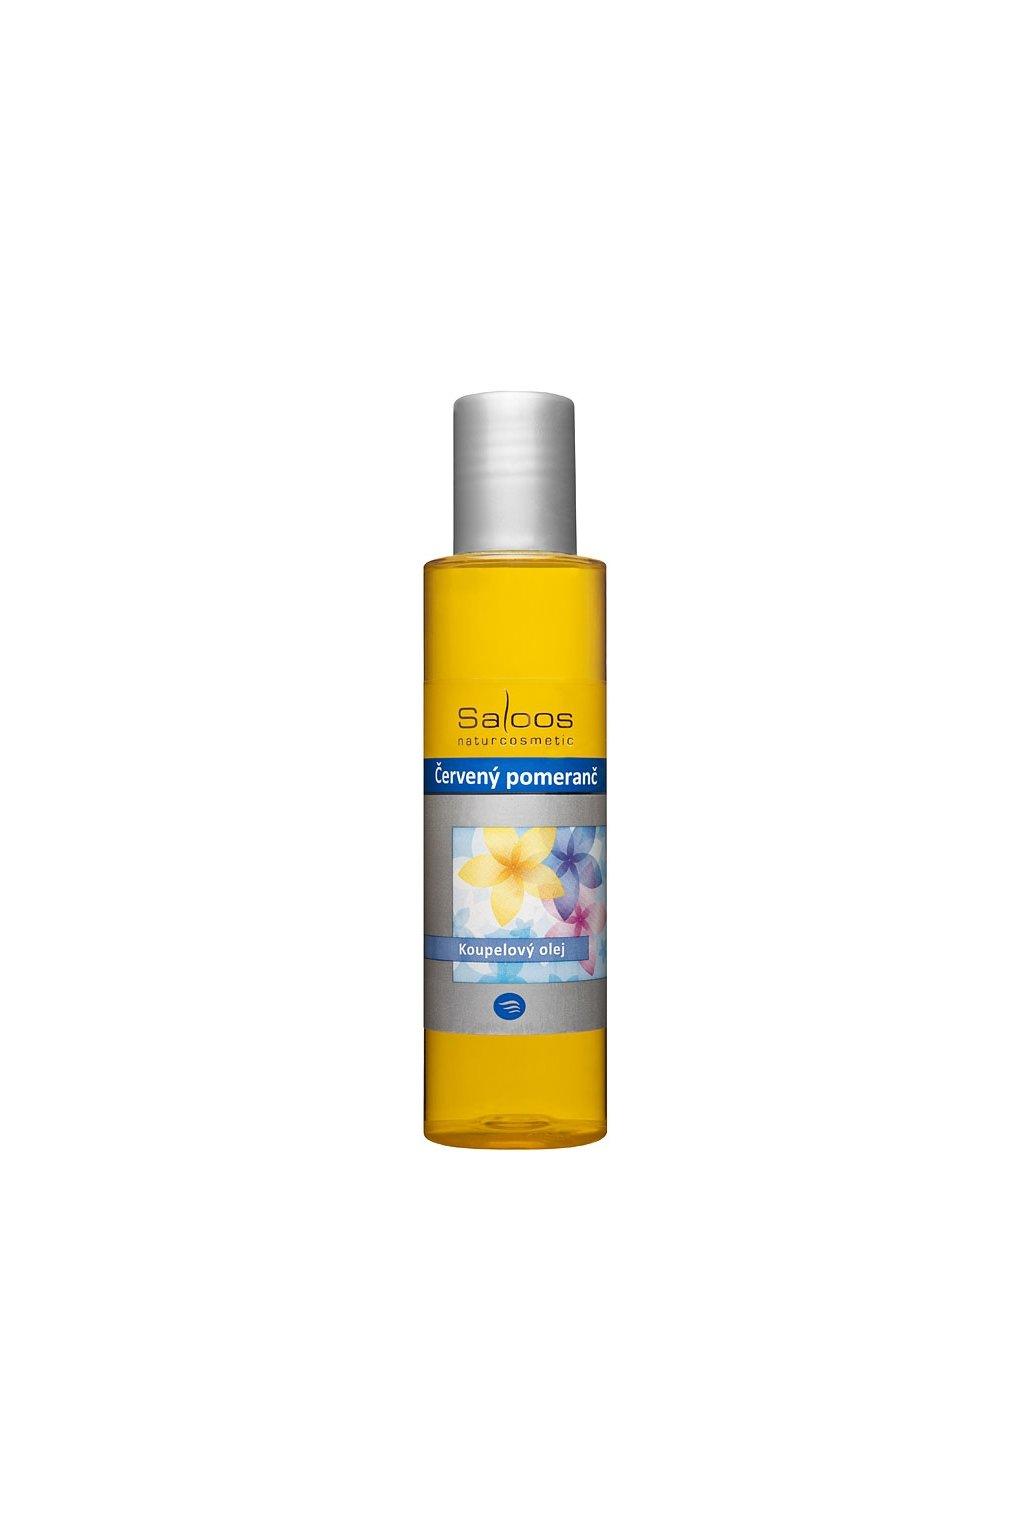 Saloos koupelový olej Červený pomeranč (varianta 1000ml)